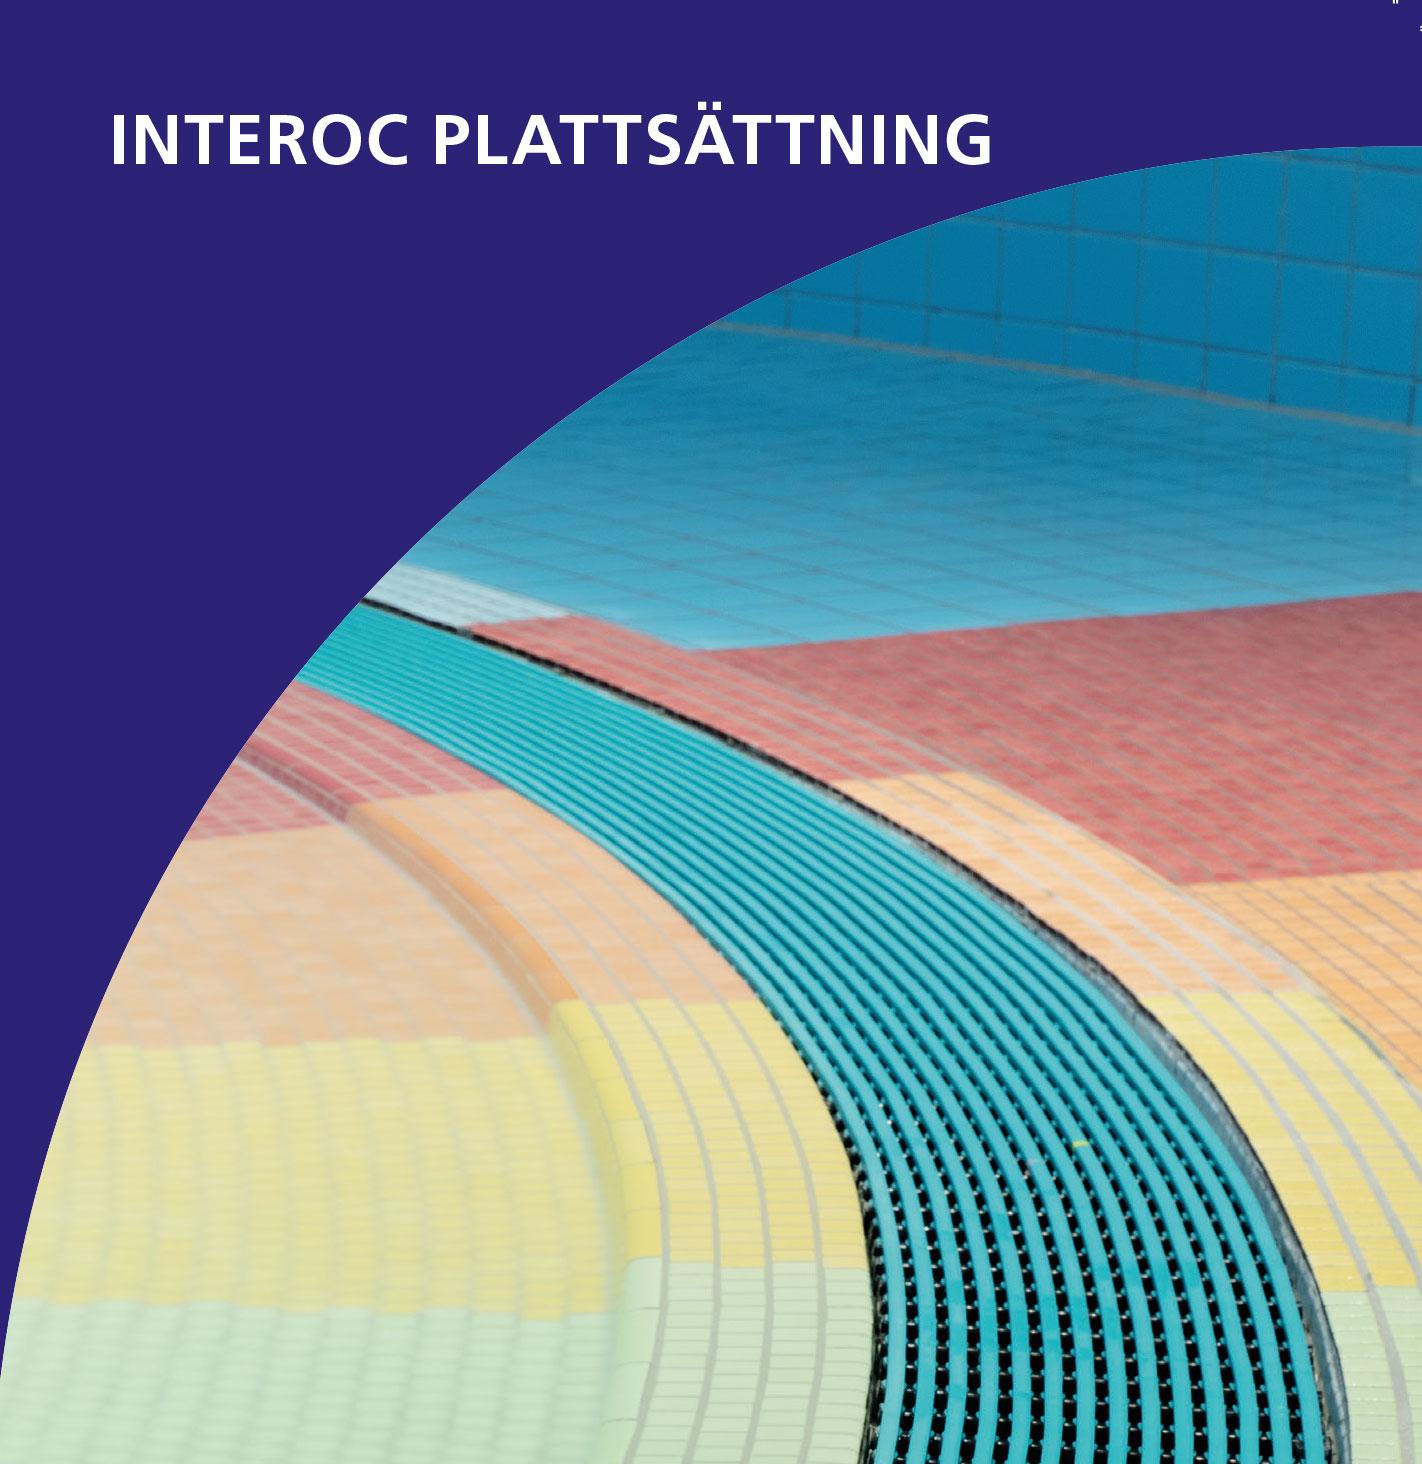 Interoc plattsättning